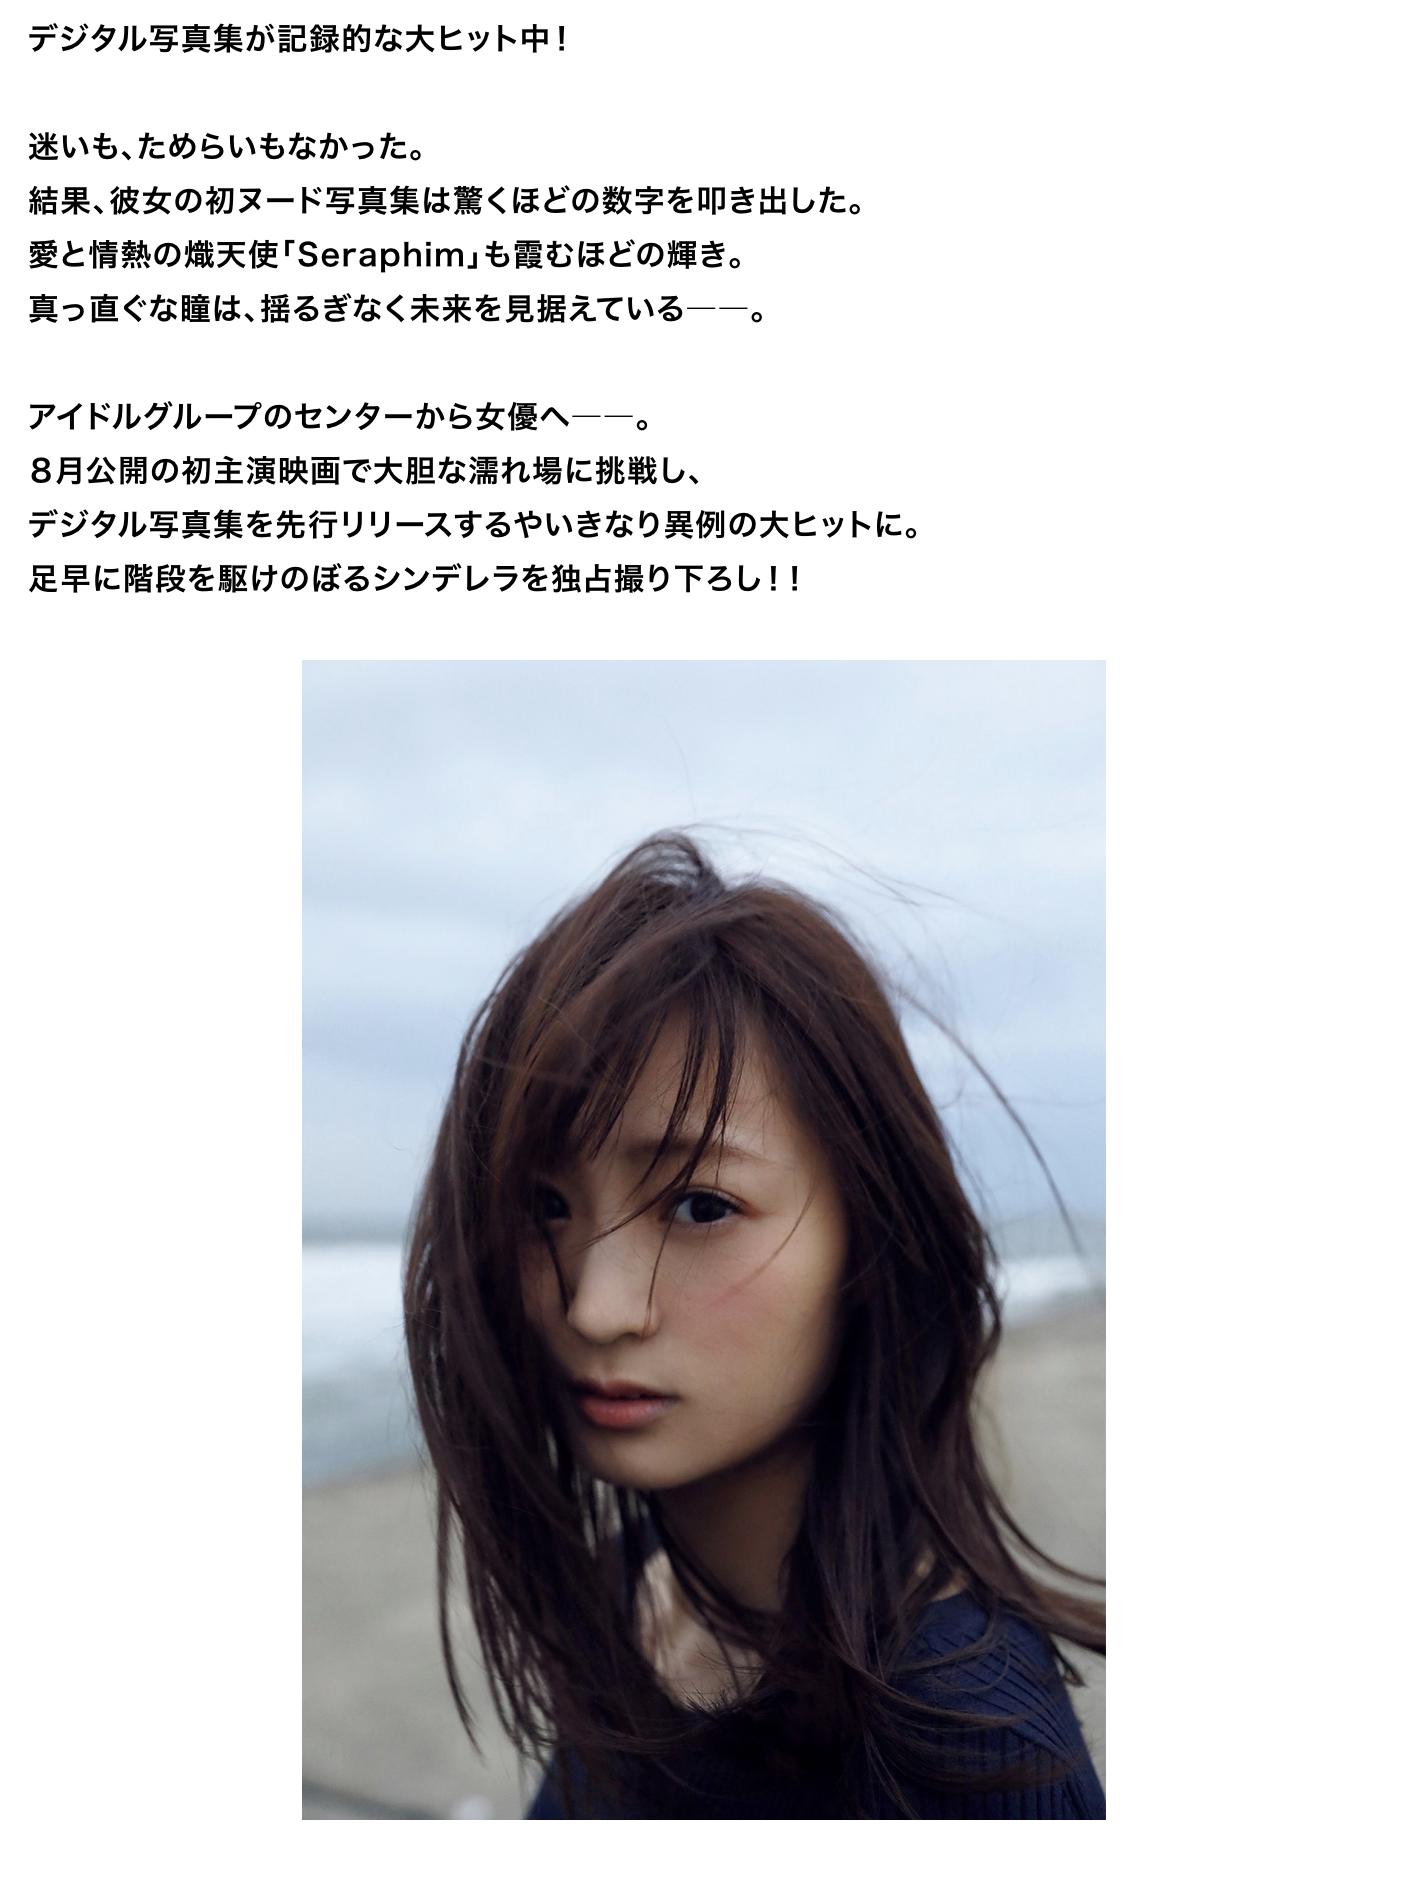 和田瞳 初公開 フルヌード エロ画像 000